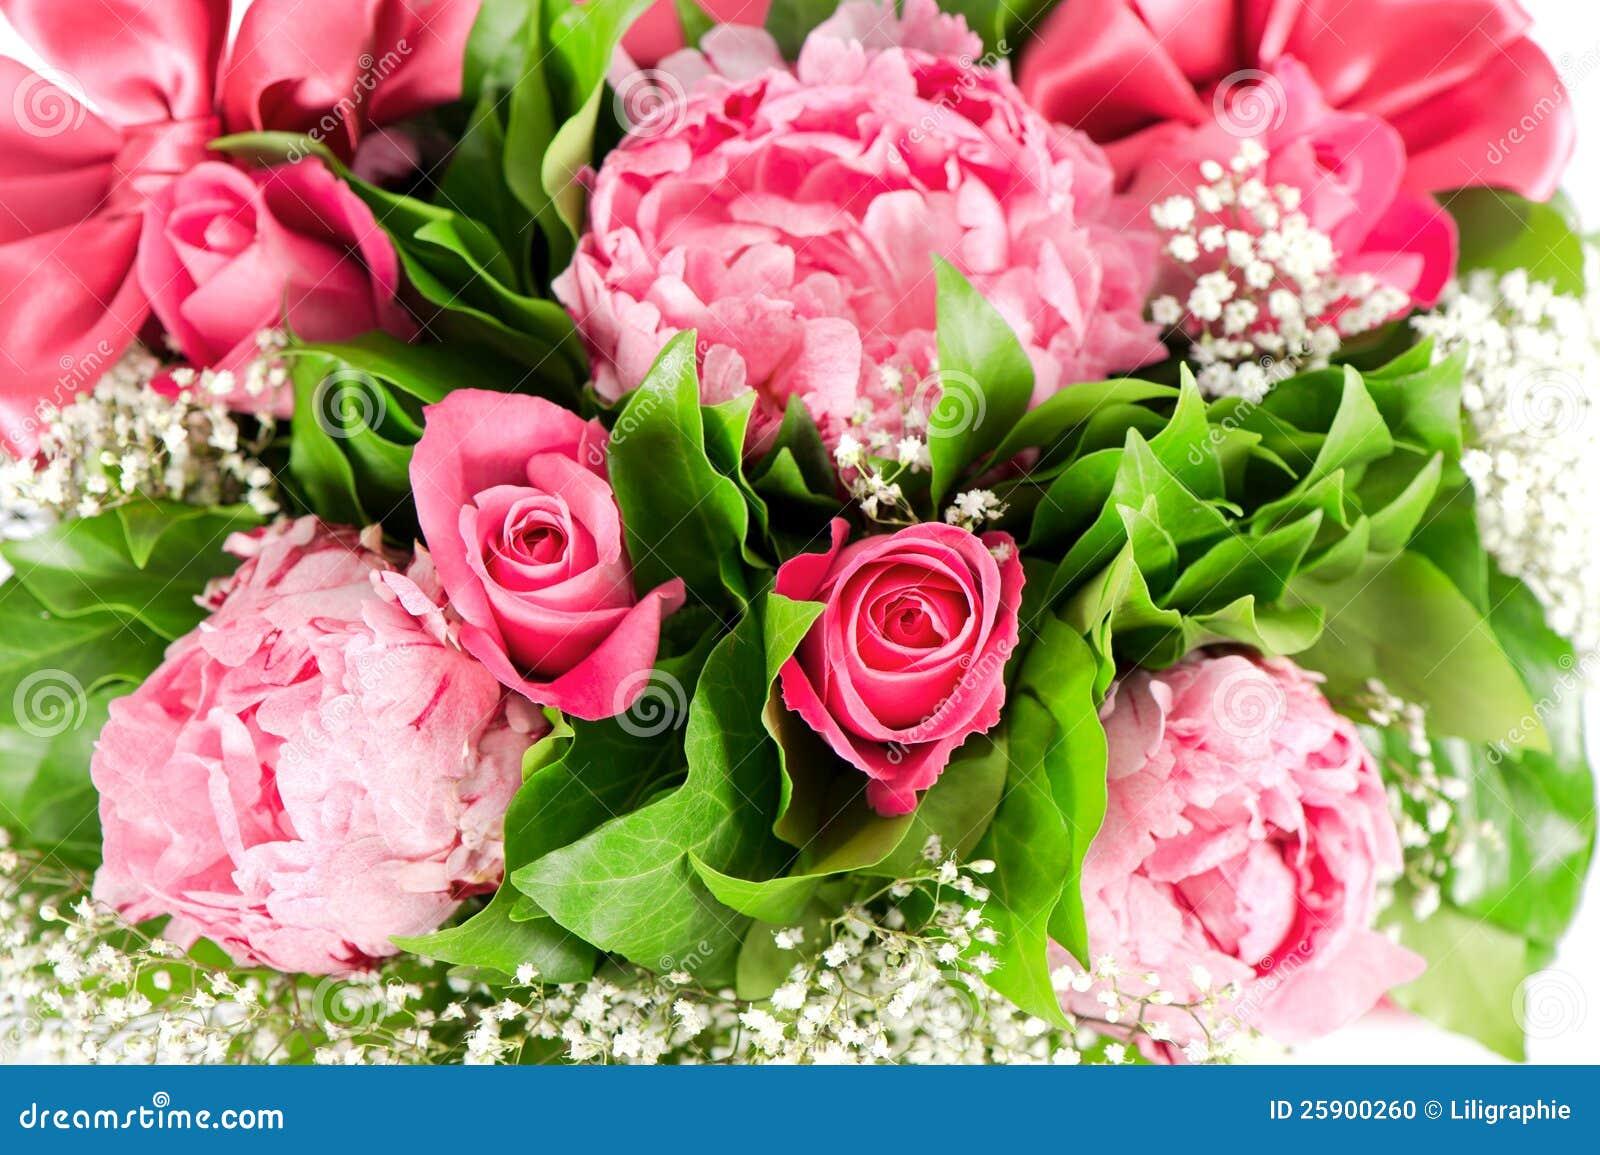 bouquet des roses et des fleurs roses de pivoine photo stock image 25900260. Black Bedroom Furniture Sets. Home Design Ideas